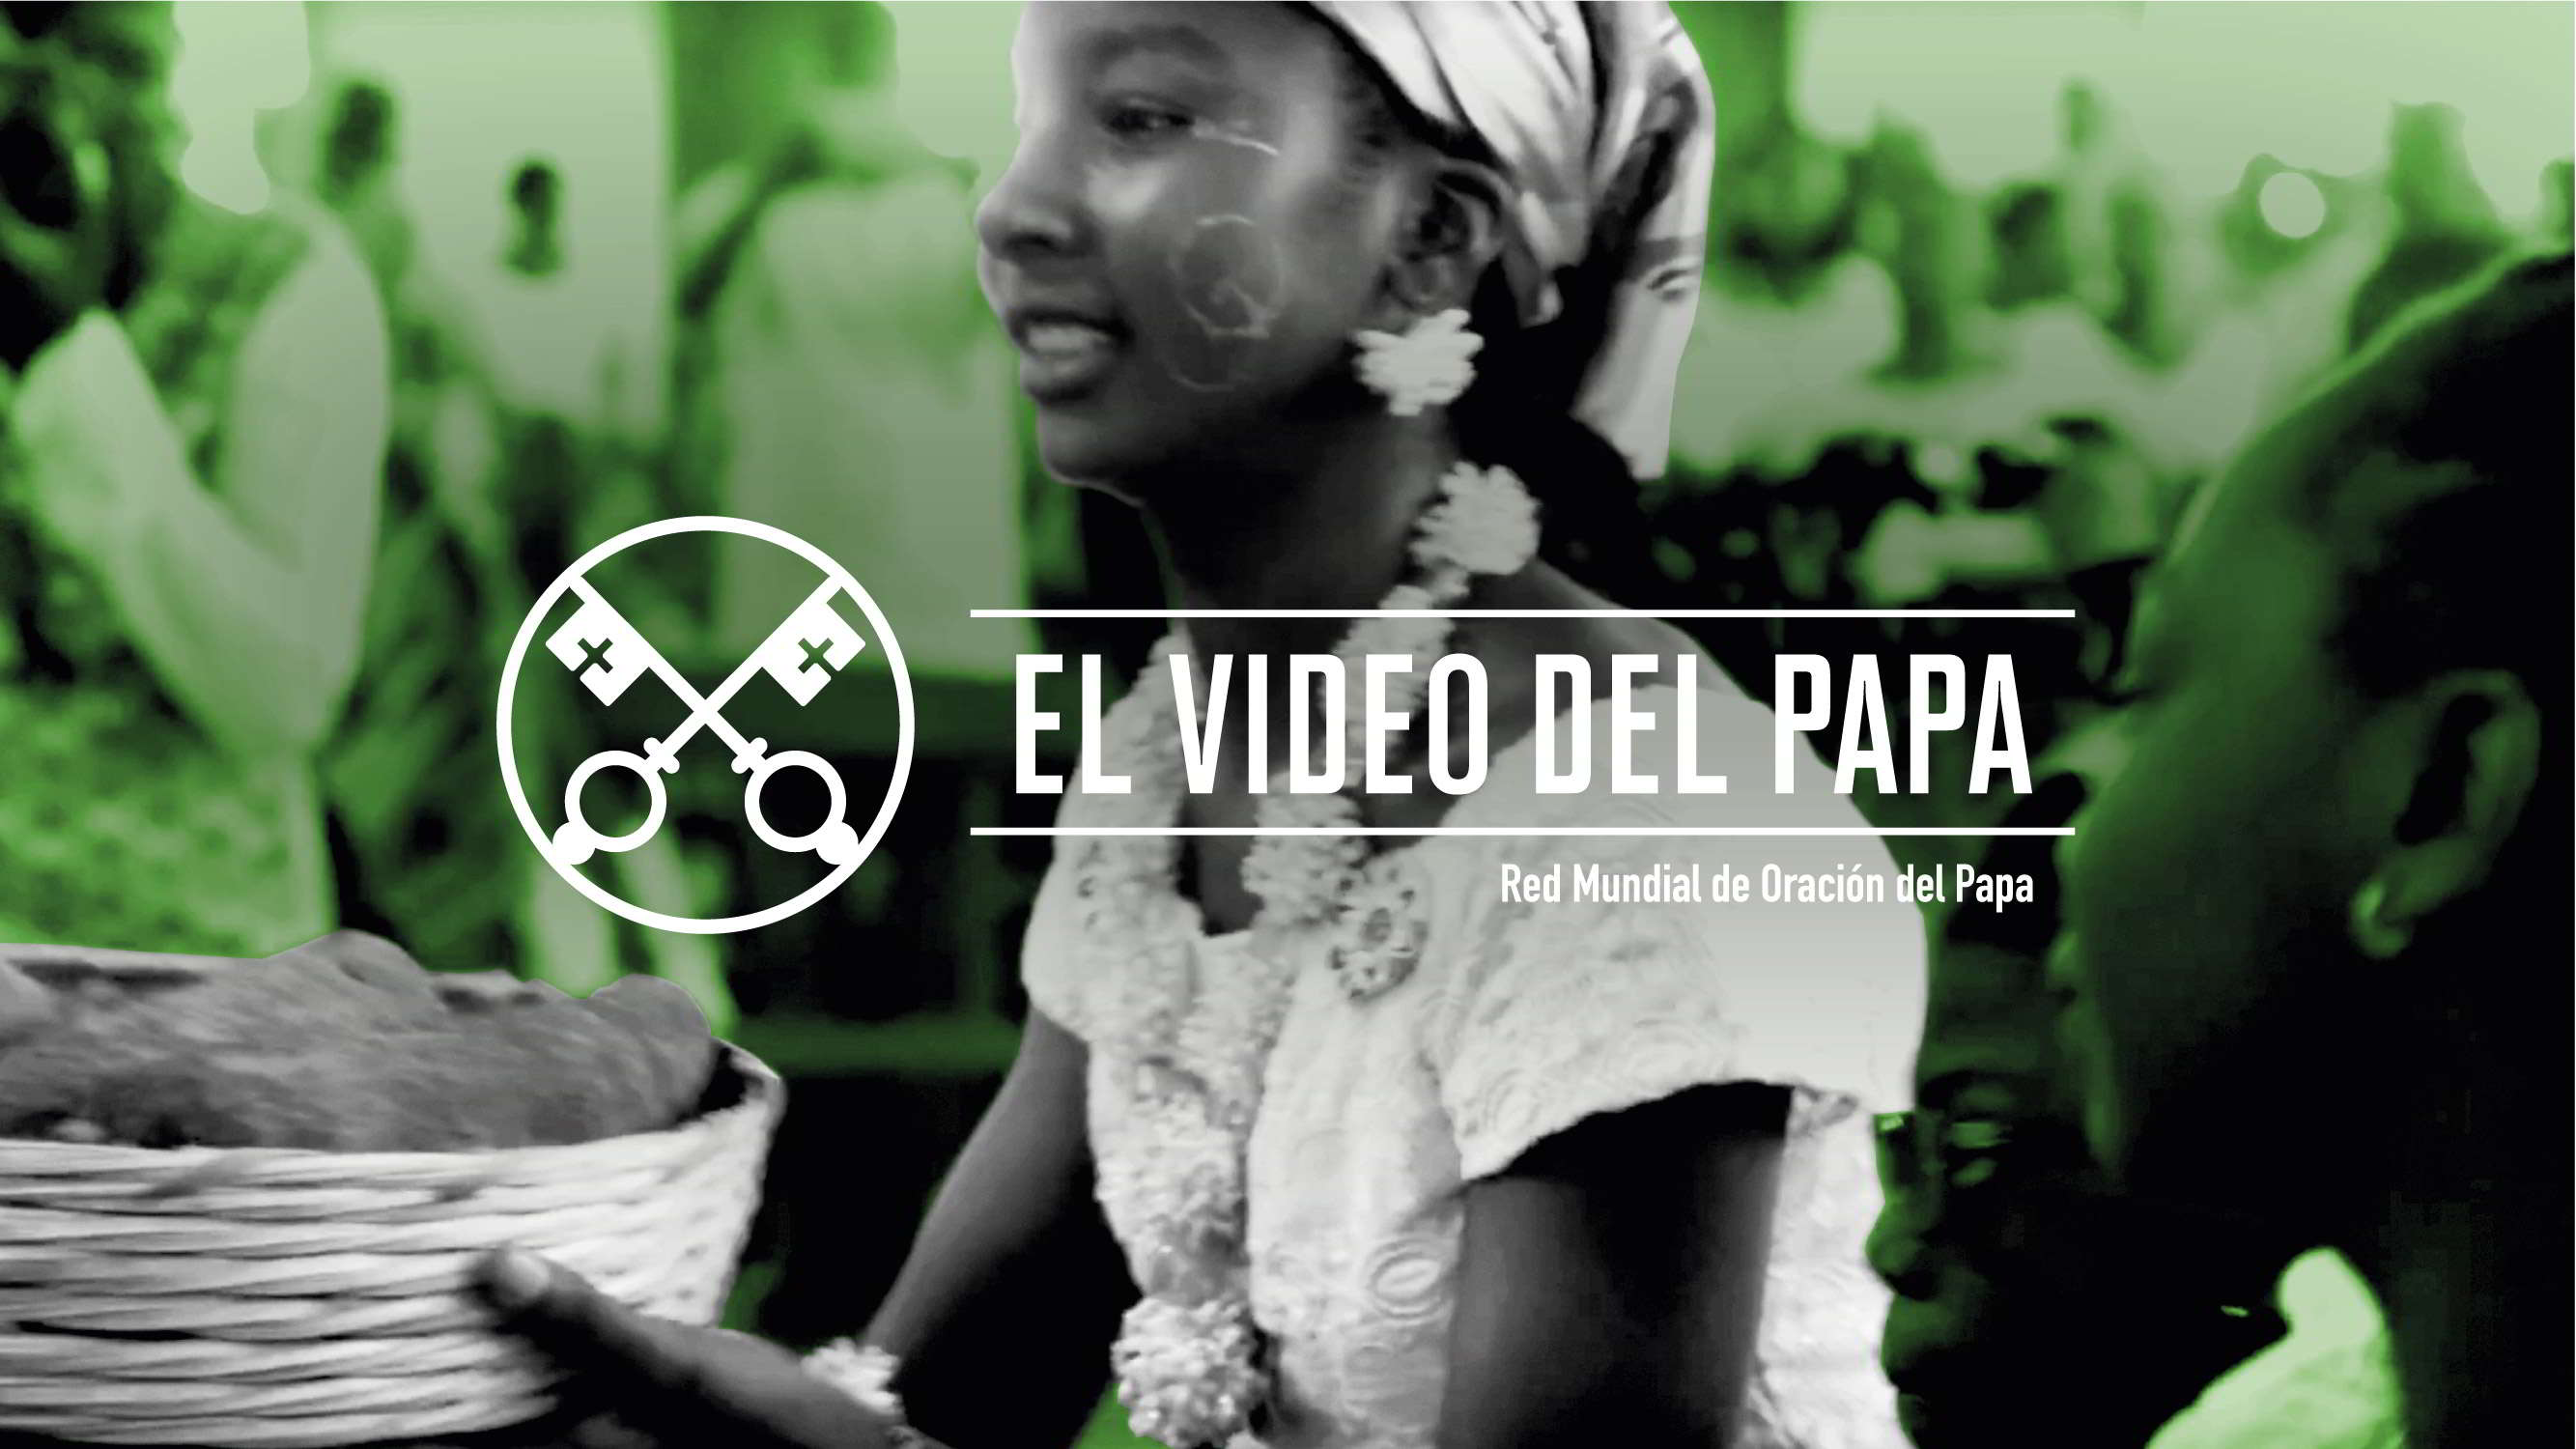 Official Image - TPV 5 2019 - 2 ES - El Vídeo del Papa - La Iglesia en África, fermento de unidad